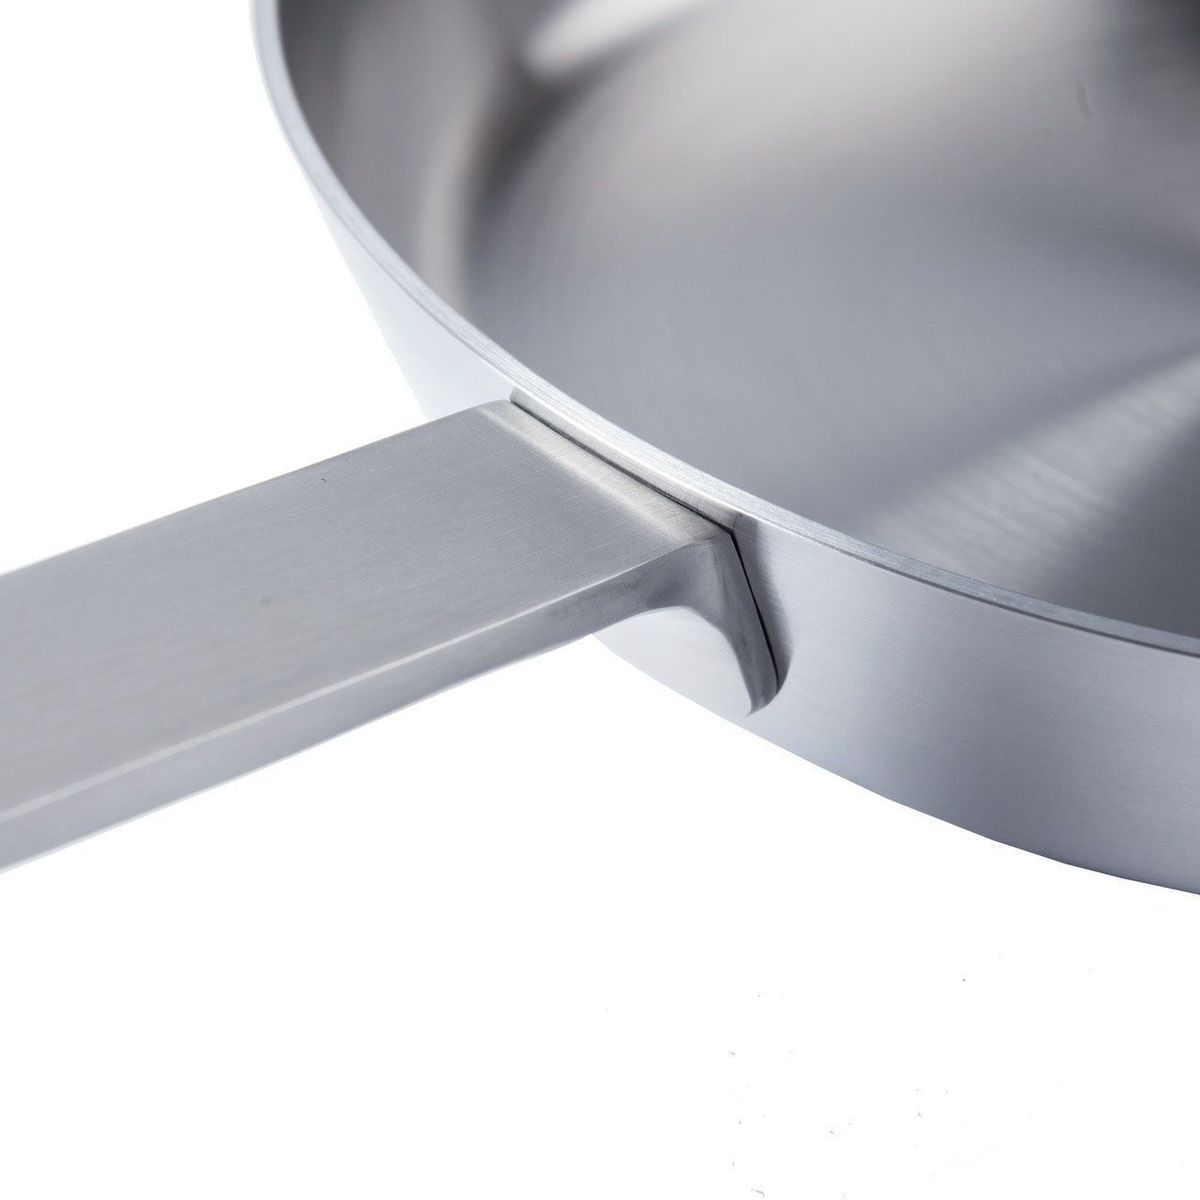 """Сковорода BergHOFF """"Ron"""" выполнена из нержавеющей стали. Дно сковороды изготовлено из 4 различных материалов, расположенных в изобретательном пятислойном альянсе для равномерного распределения тепла. Дно и корпус формируют бесшовное целое, гарантирующее, что тепло быстро распределяется по дну до обода.   Конструкция дна делает возможным энергоэффективное приготовление пищи и равномерное распределение тепла по всей поверхности.  Подходит для любых типов плит, включая индукционные.  Подходит для посудомоечной машины. Объем: 2,1 л. Диаметр: 26 см."""